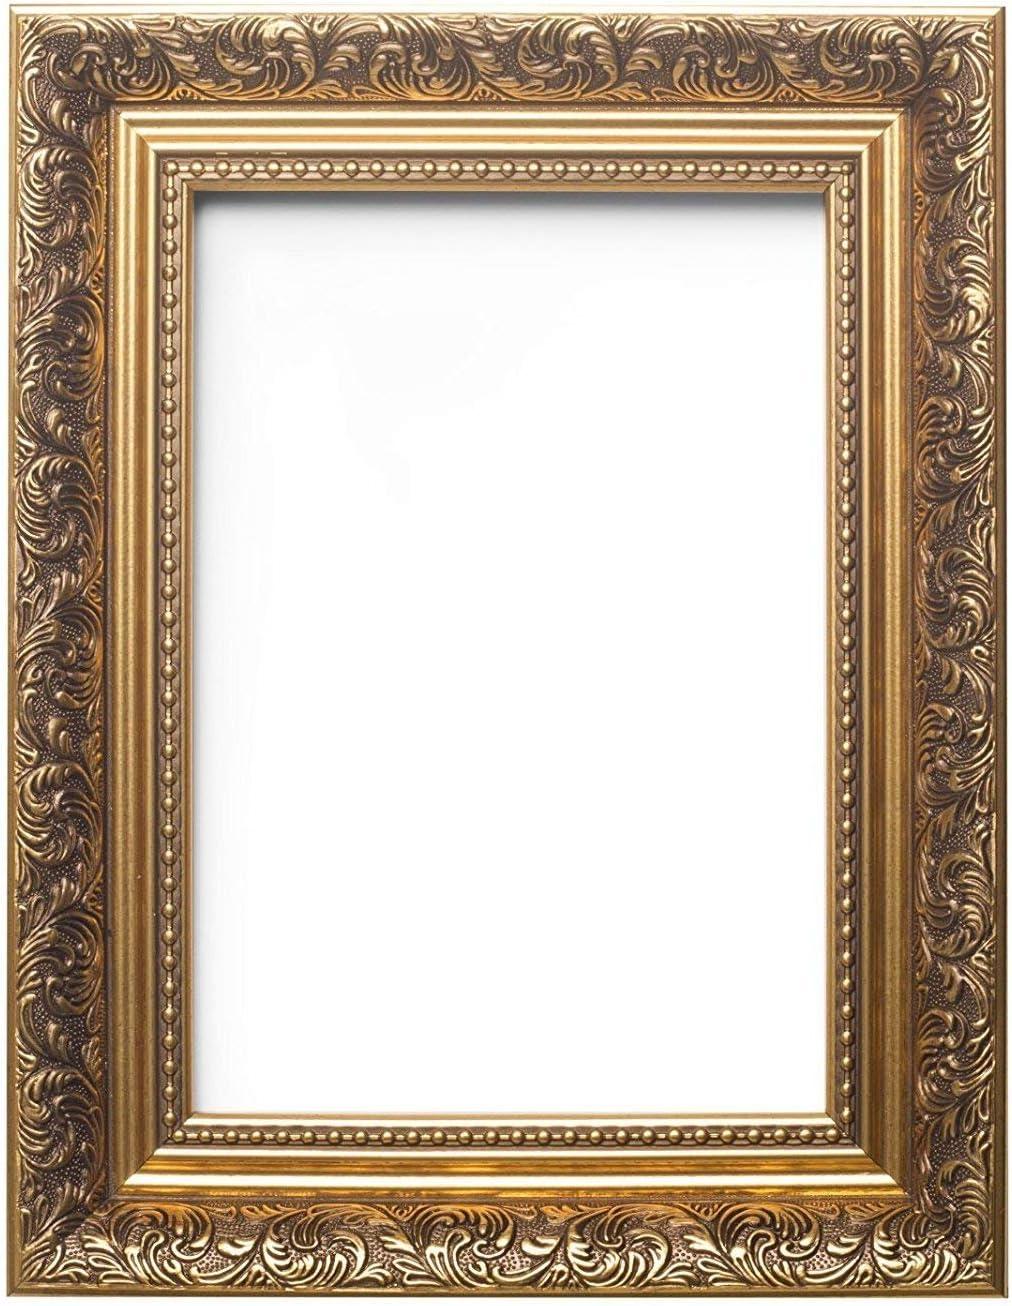 Gold – Tamaño A3 – Cuadros Decorados en Estilo francés Antiguo, Marco de Fotos/póster, tamaño 58 mm de Ancho y 38 mm de Profundidad, de plexiglás irrompible de estireno para una Alta claridad